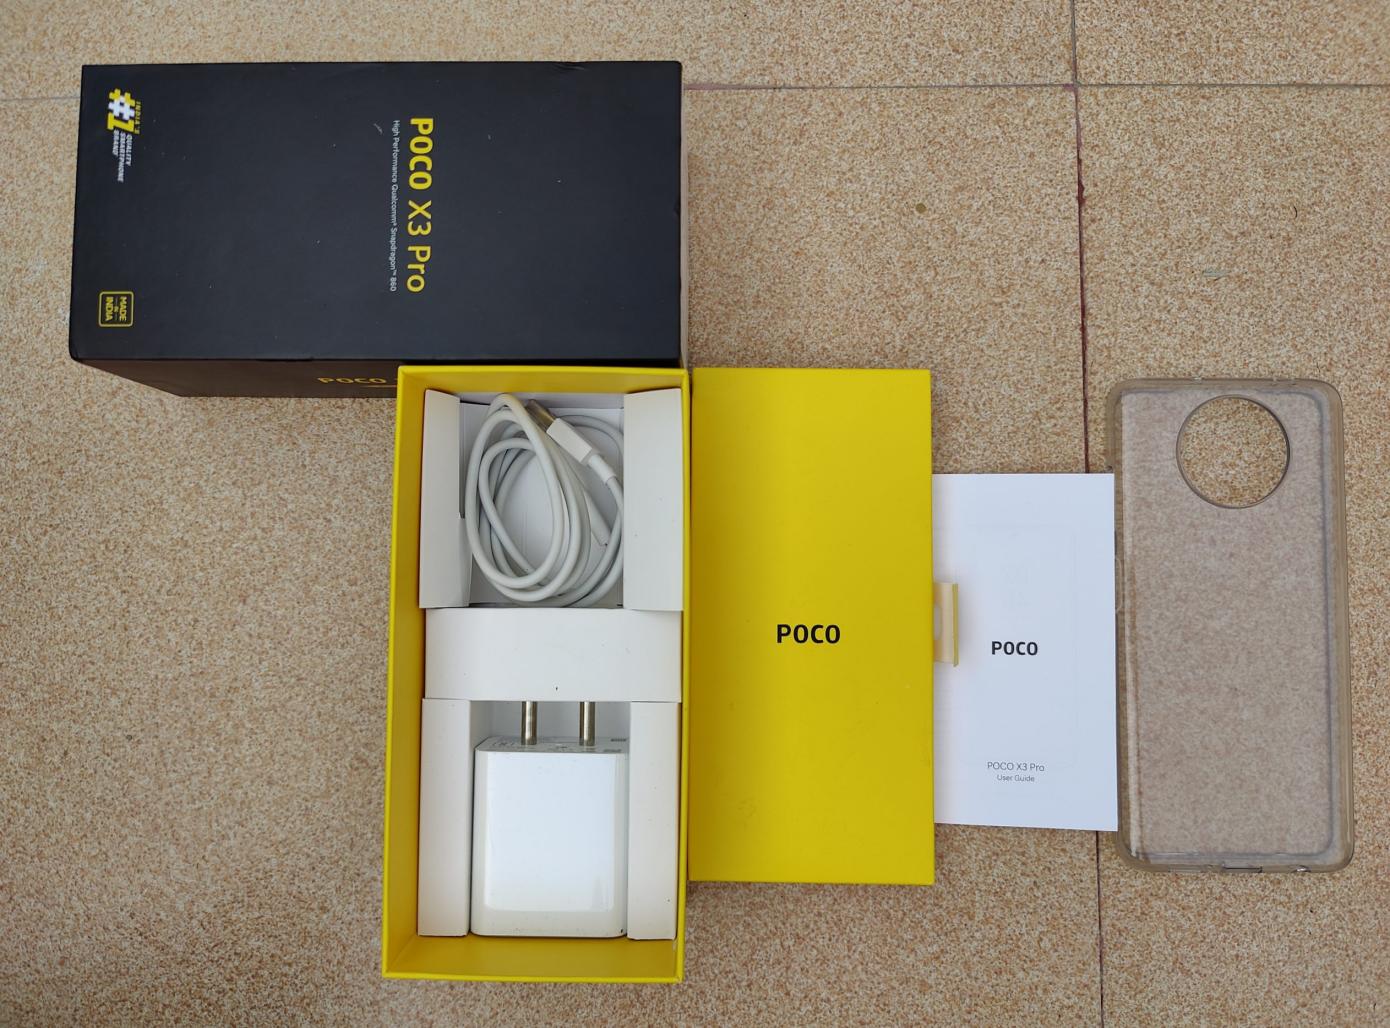 Obzor Poco X3 Pro I Sravnenie S Mi 11 Lite I Redmi Note 10 Pro 15